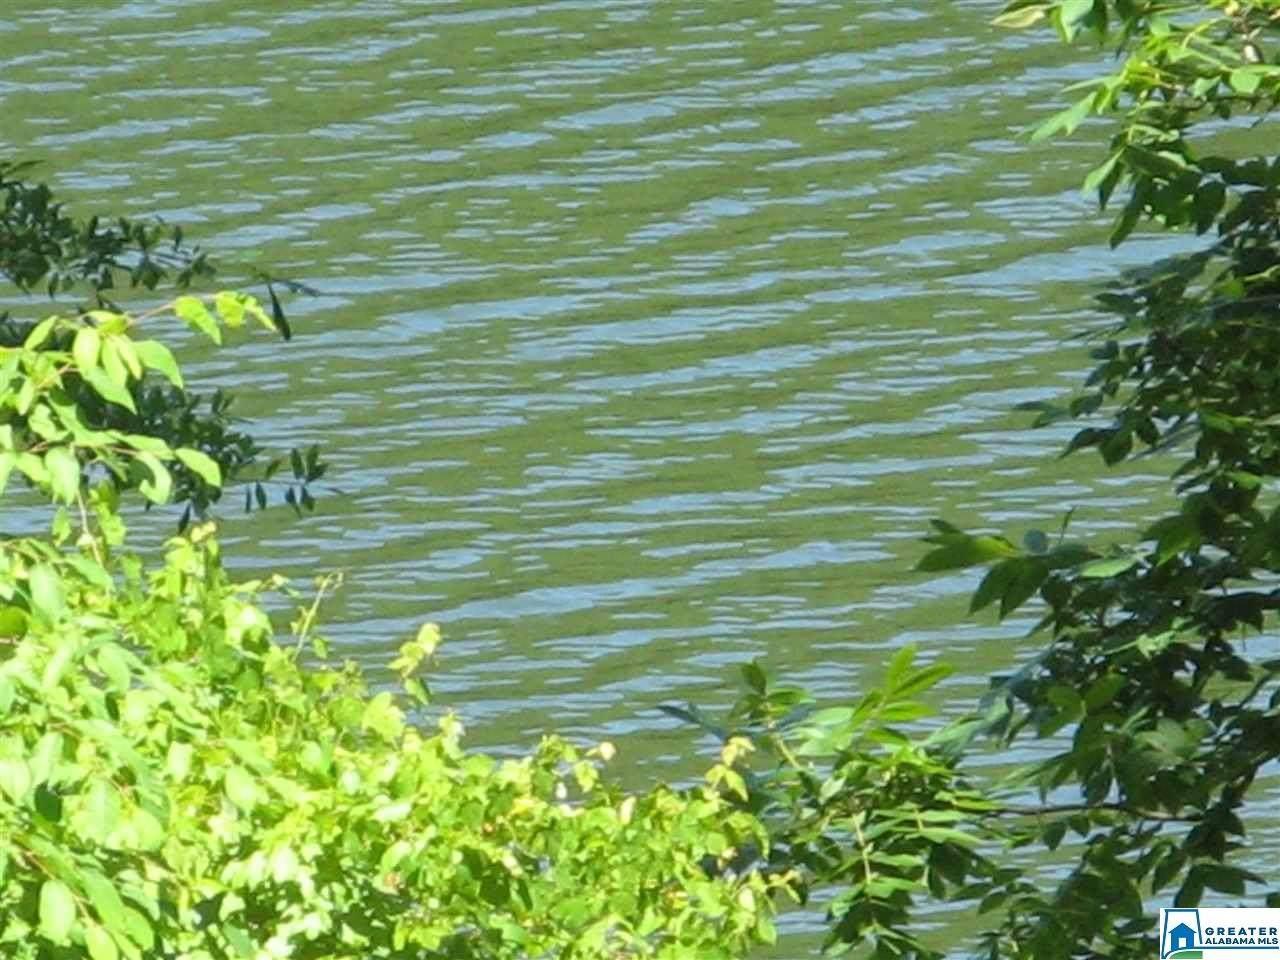 Paint Creek Overlook - Photo 1